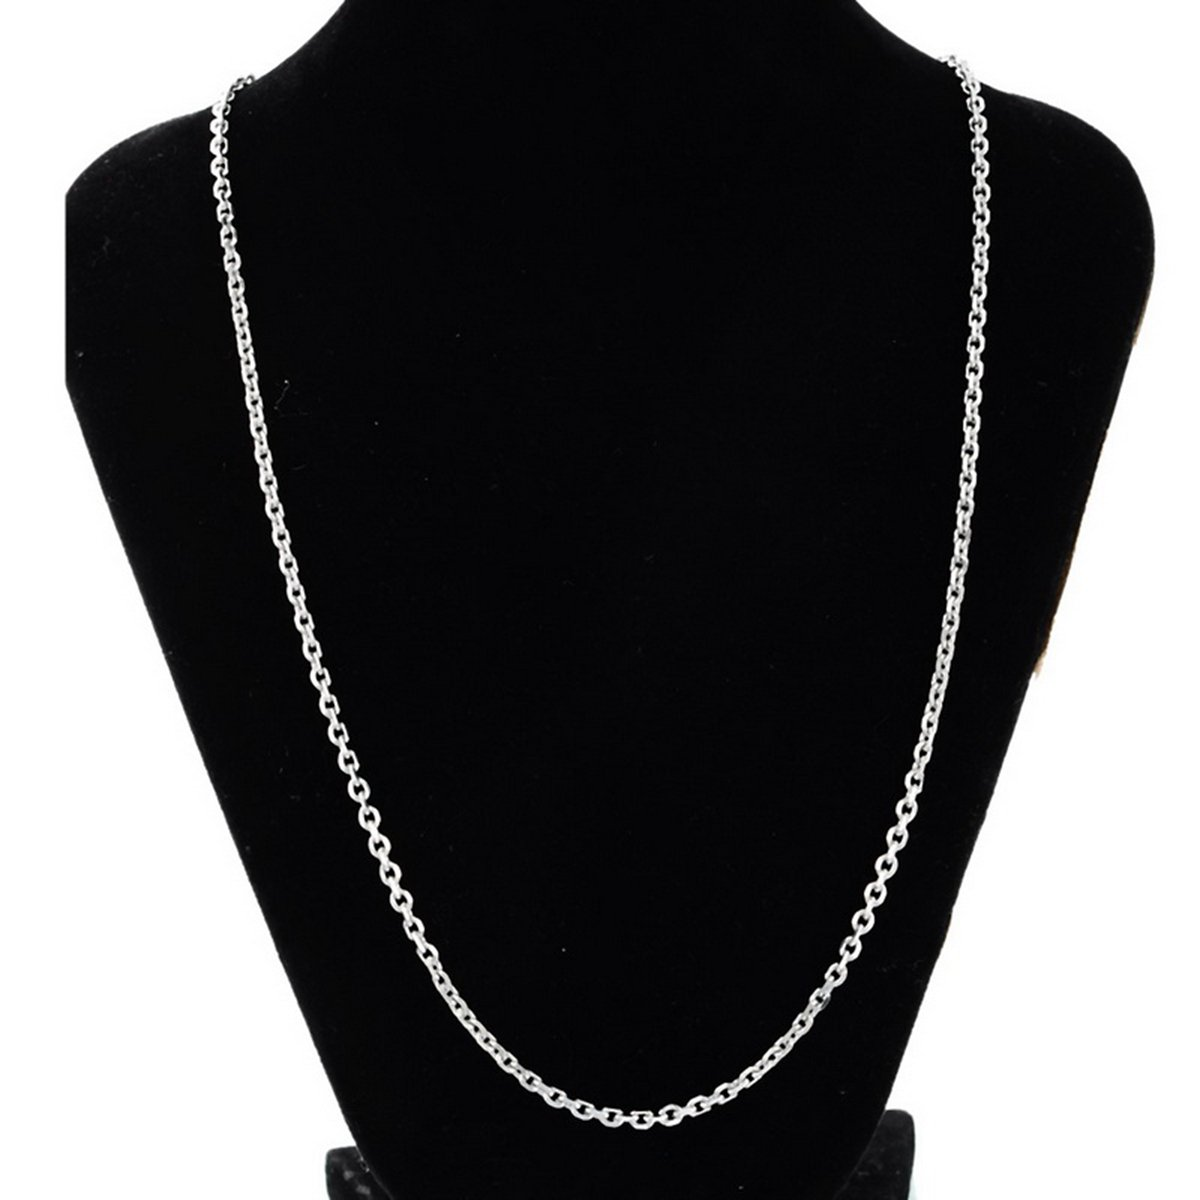 HooAMI Edelstahlkette Twist-Ketten-Halskette 45cmx2.5mm